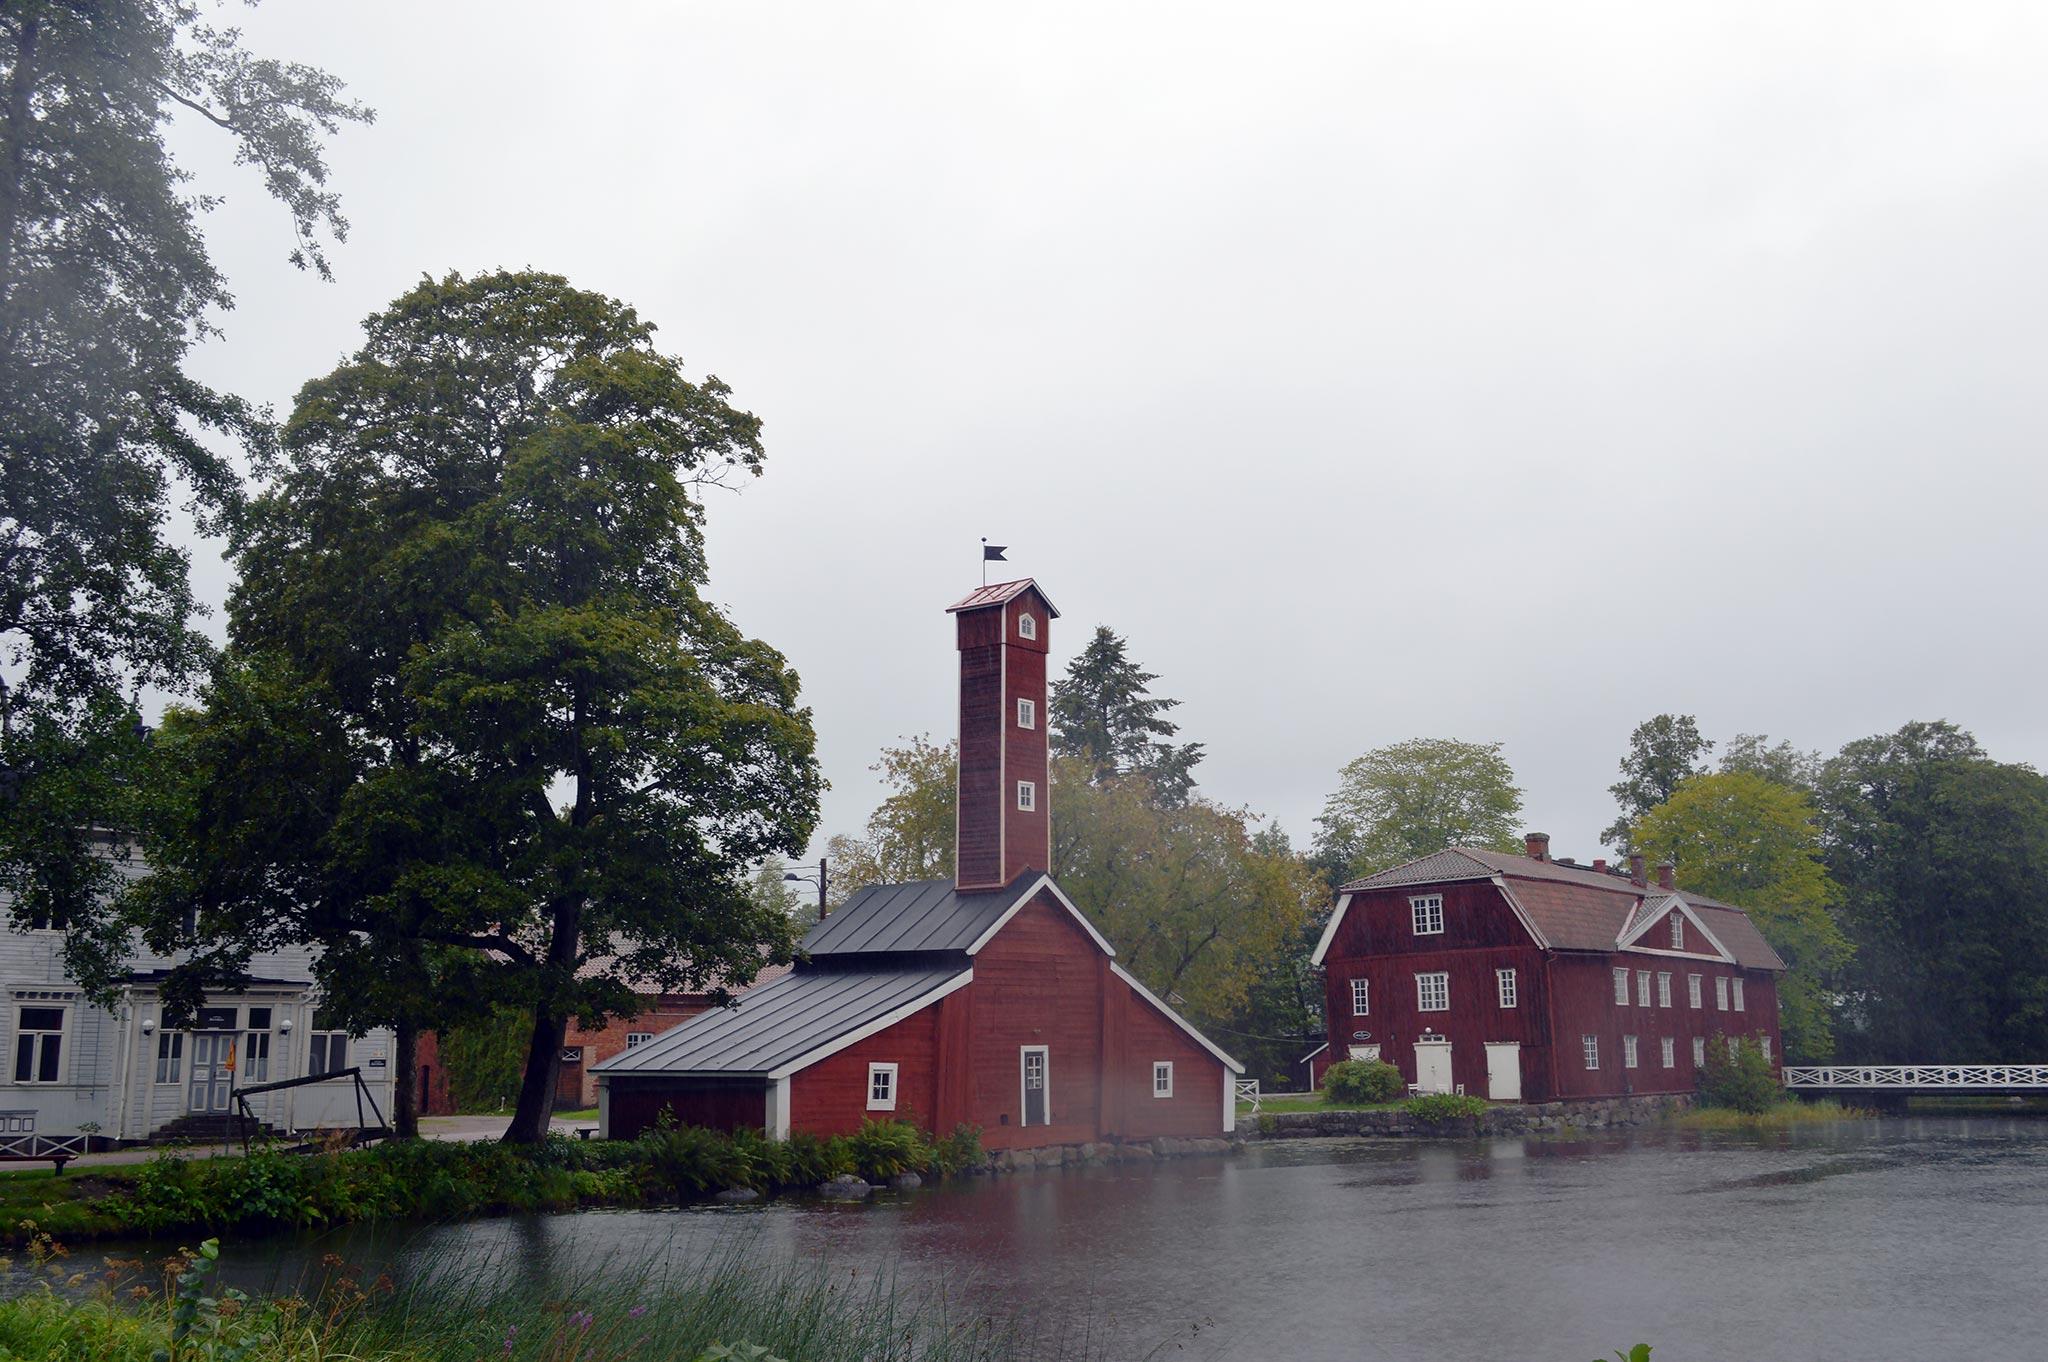 Strömforsin ruukin maamerkki on korkealla tornilla varustettu letkuvaja, jonka tornissa on kuivattu paloletkut.